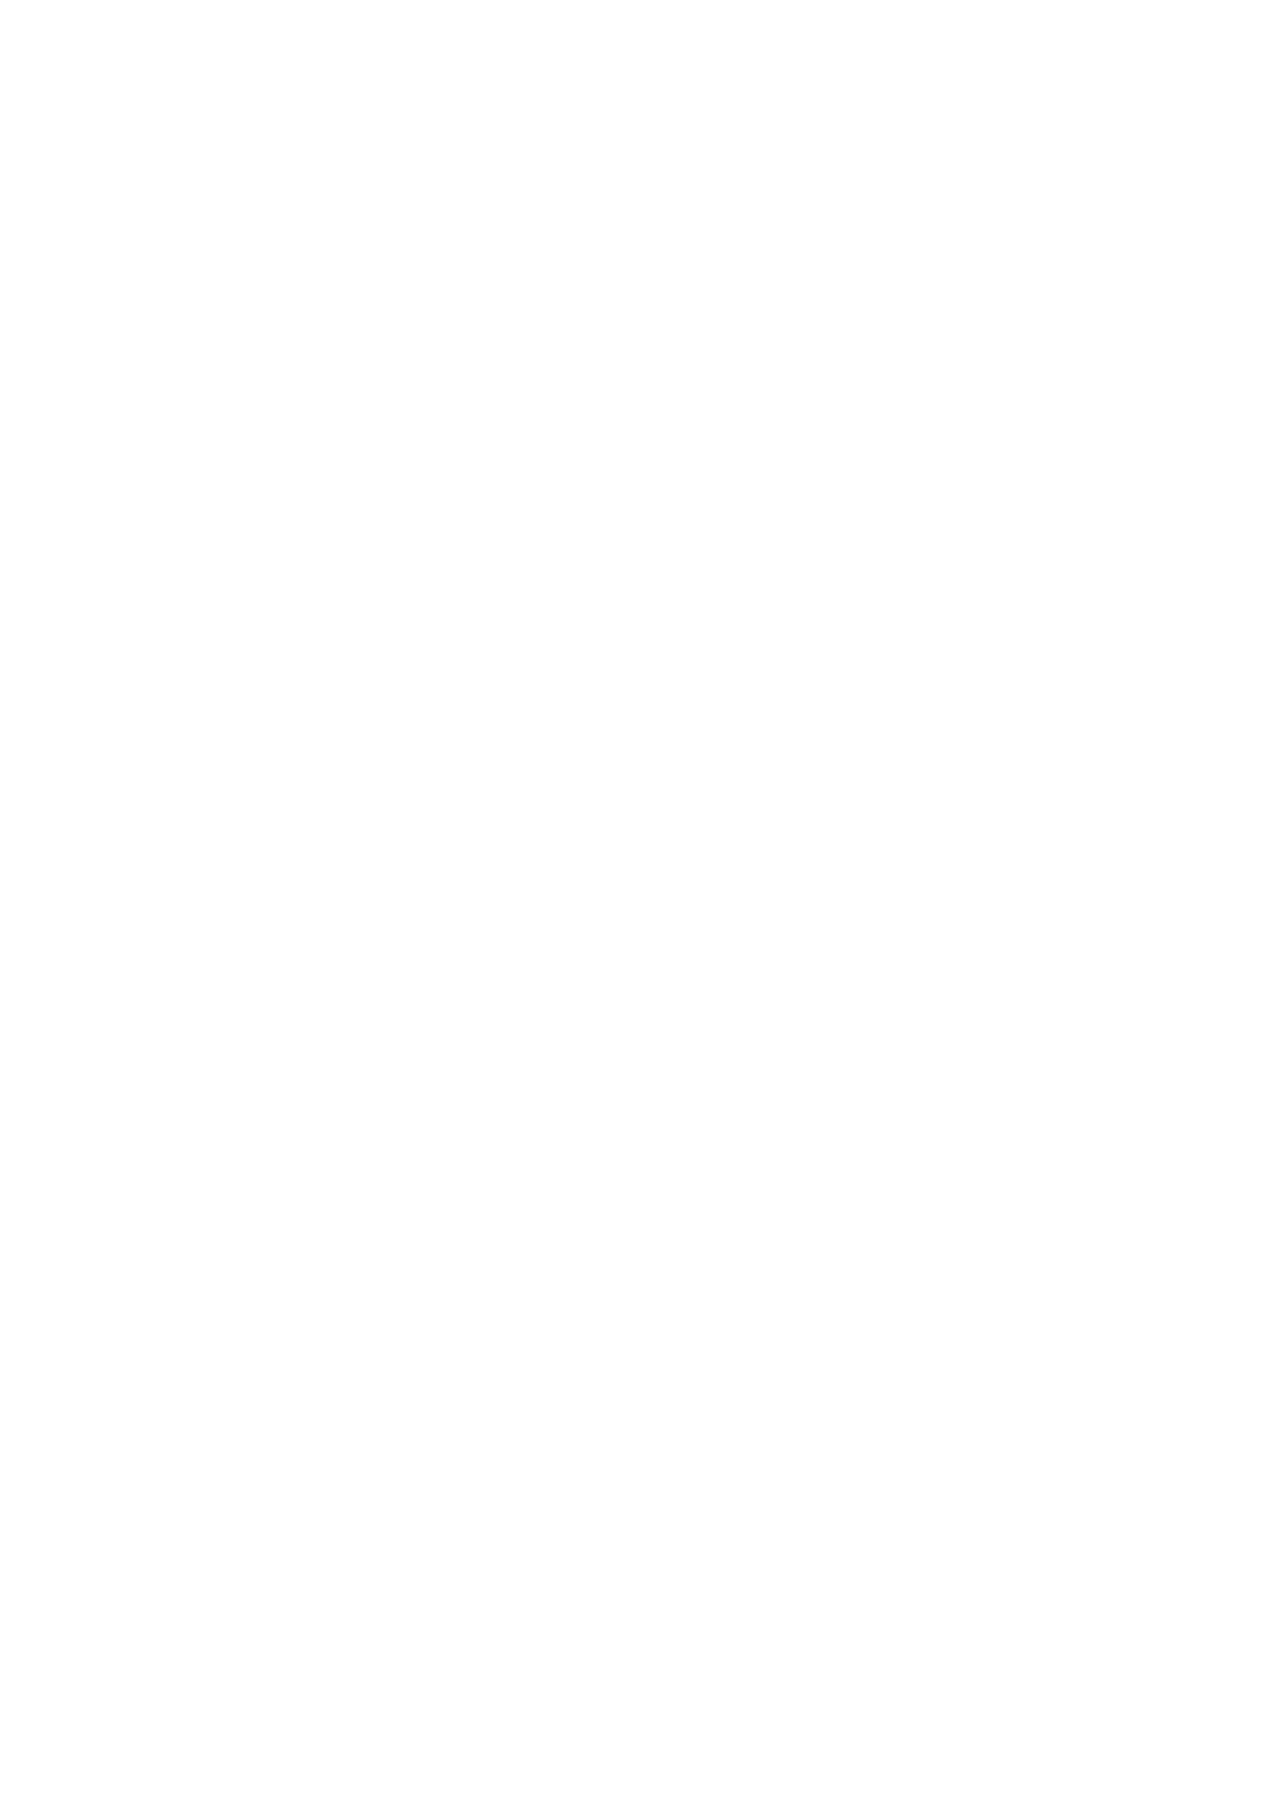 [seventh zest (Mutsuno Hexa)] Ecchi na Doujinshi wa Suki desu ka? -EchiSuki 1- | Do You Like Hentai Doujinshi? -HSUKI 1- [English] [Decensored] [Digital] 14